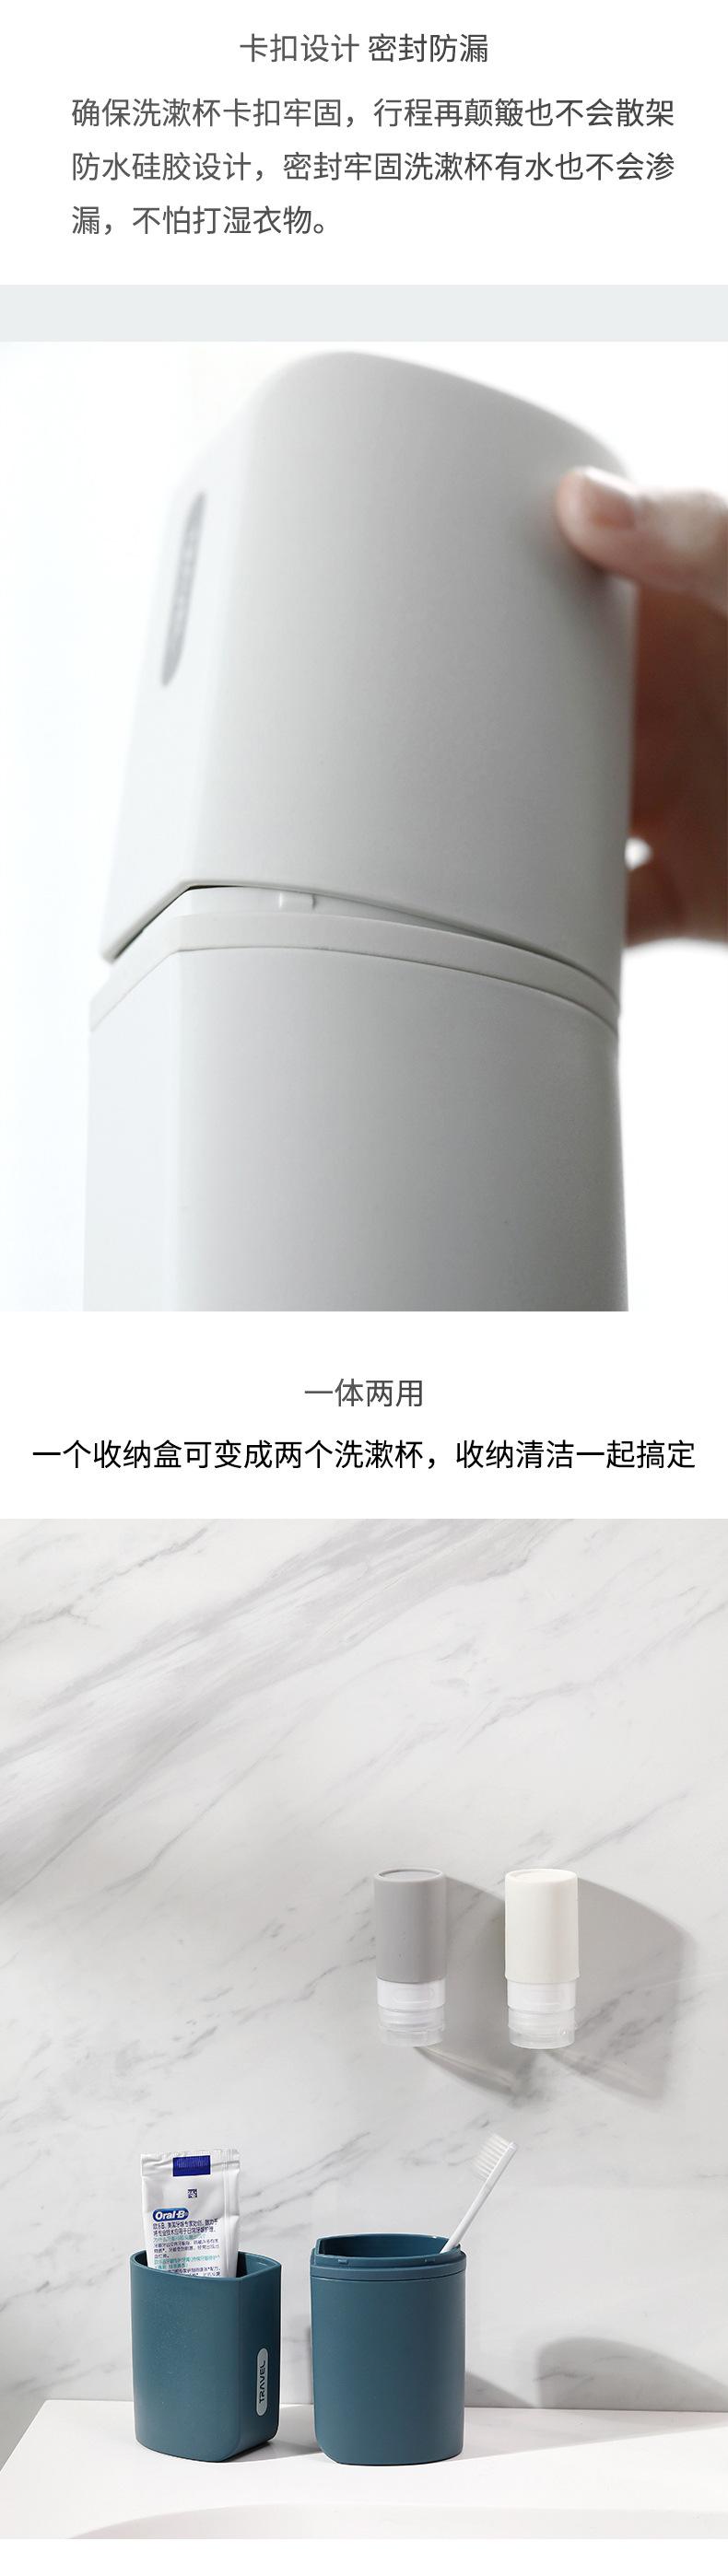 AA012-旅行洗漱杯详情页_04.jpg